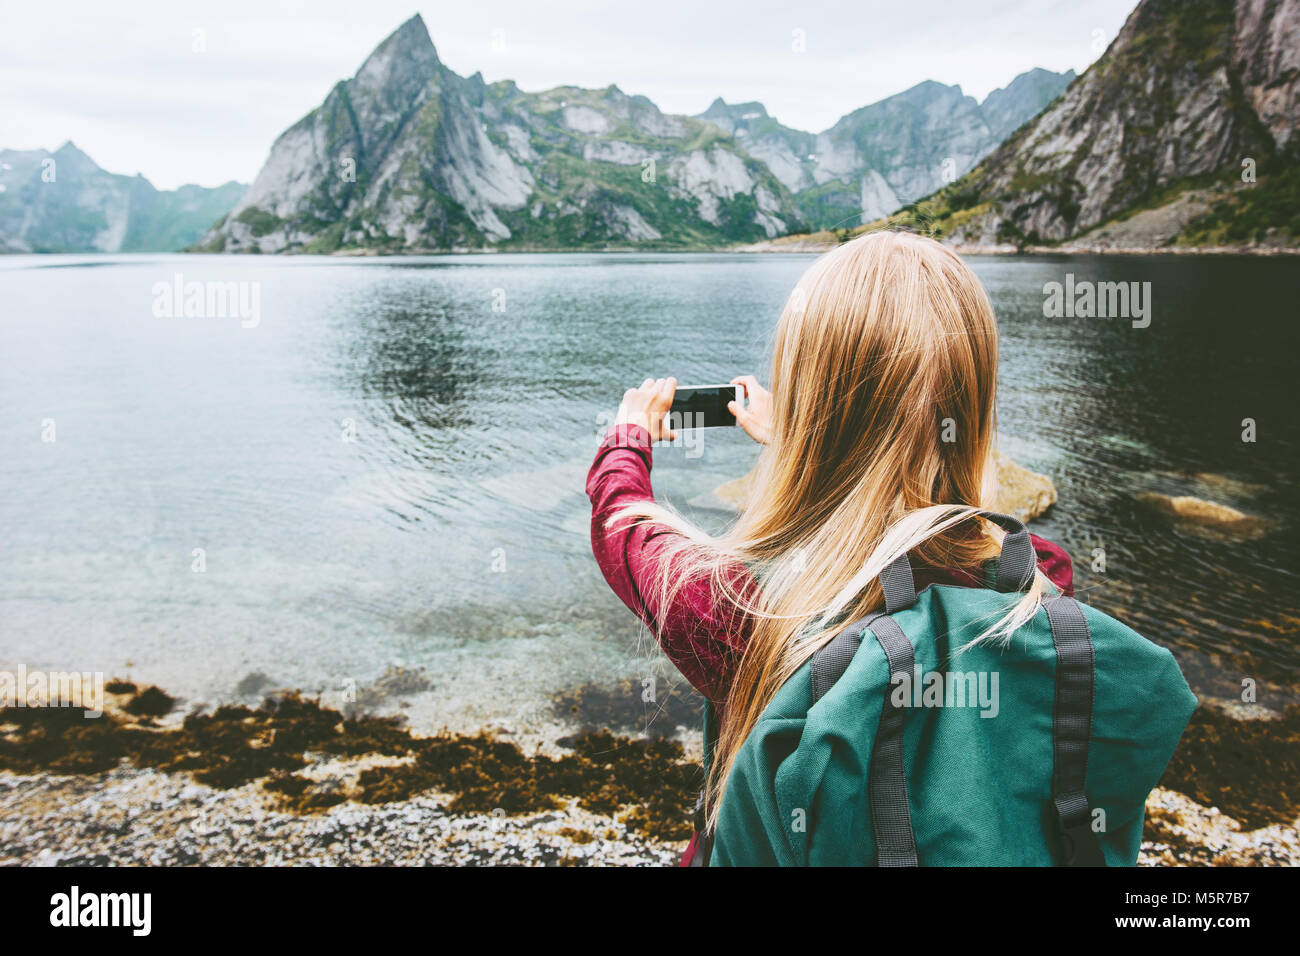 Donna turistica prendendo selfie tramite smartphone escursioni isole Lofoten Travel lifestyle wanderlust concetto outdoor avventura vacanze estive a Norwa Foto Stock